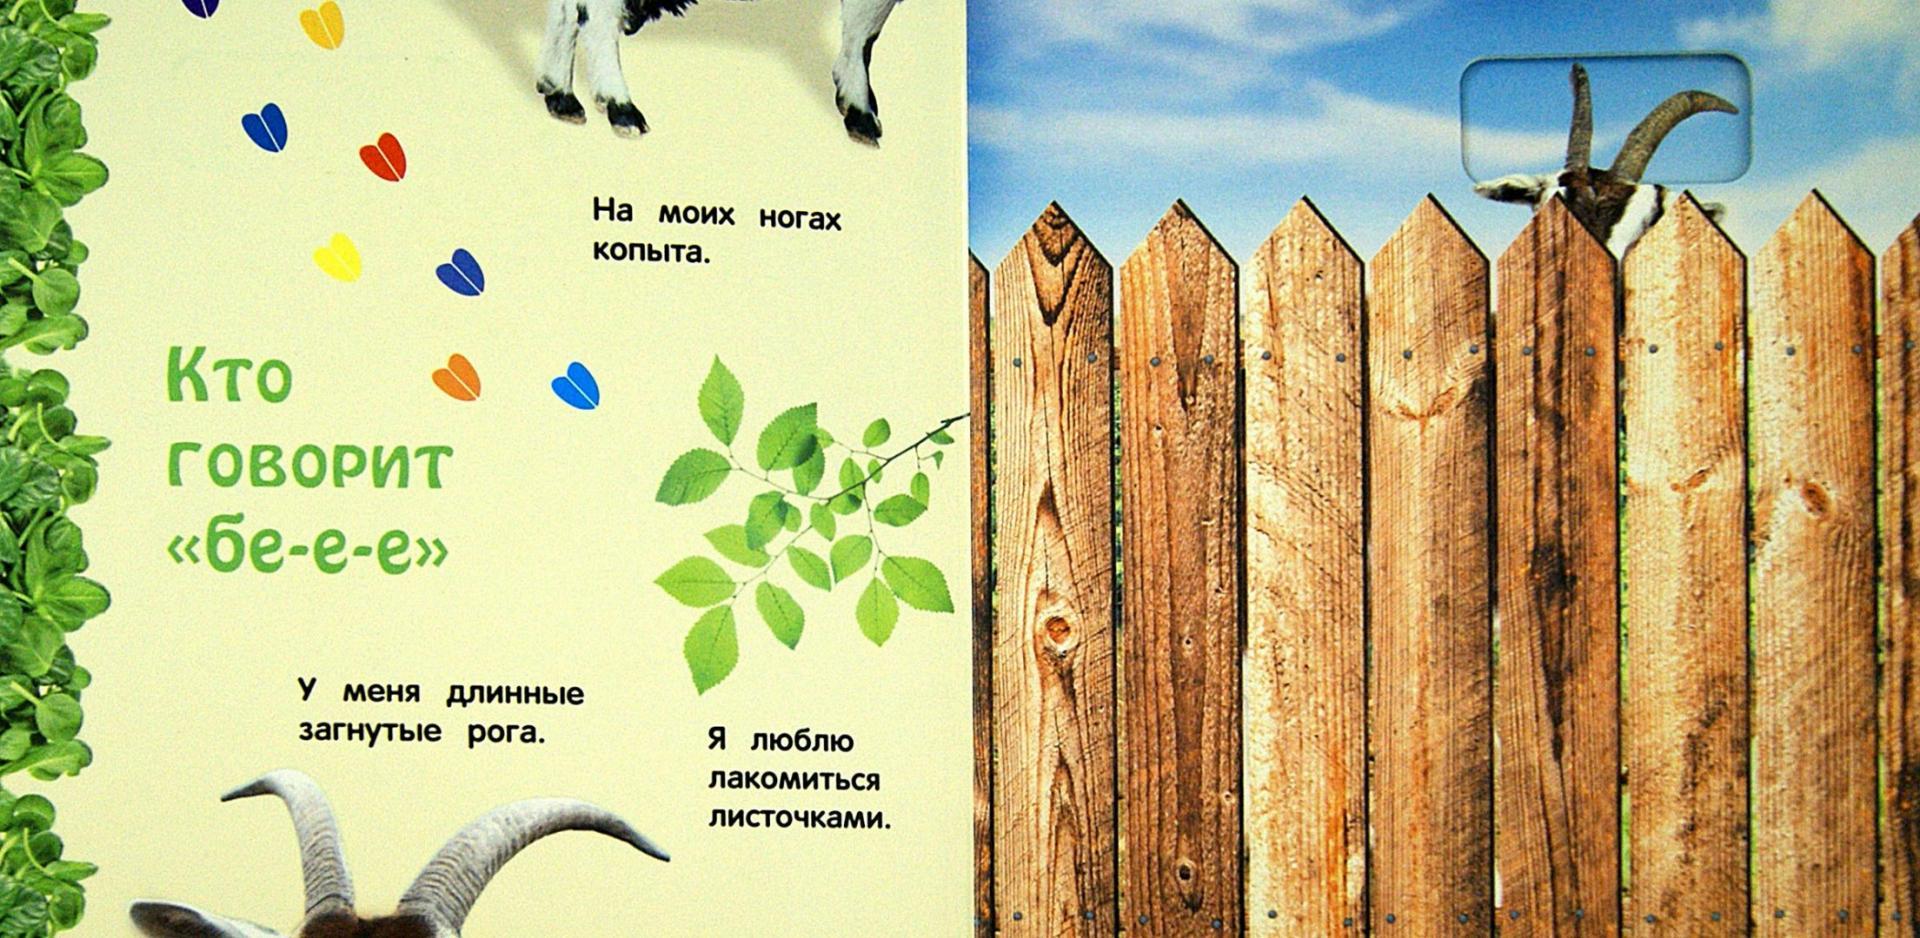 Иллюстрация 1 из 8 для Как говорят животные - Анна Прищеп | Лабиринт - книги. Источник: Лабиринт